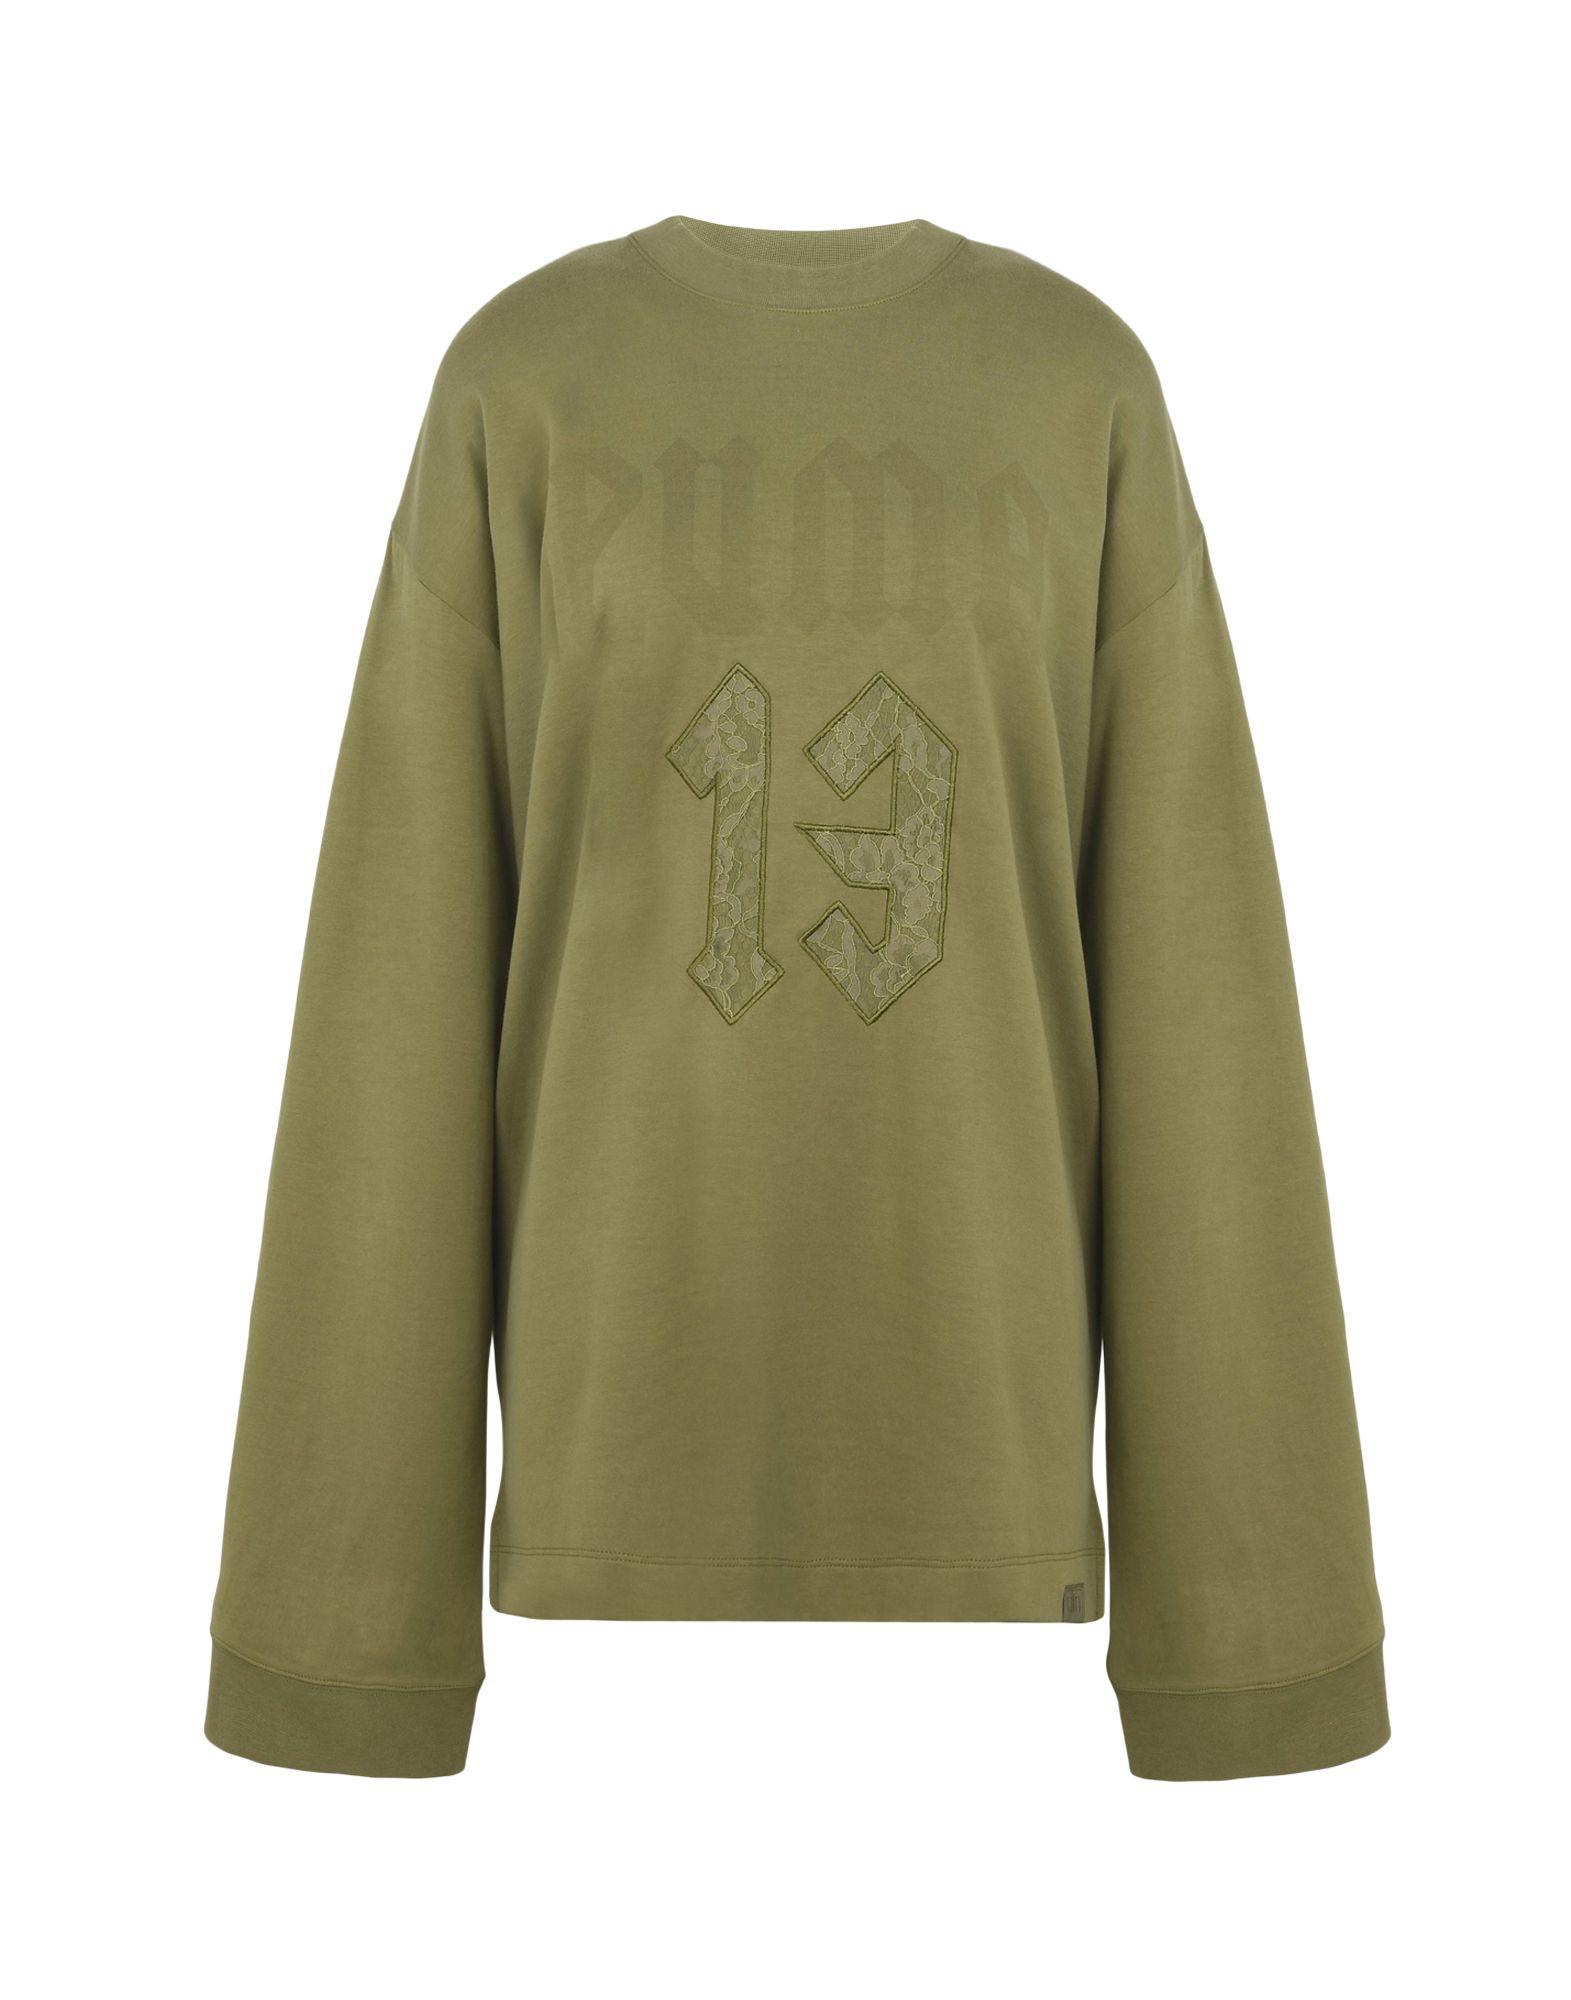 best website a24d8 7ecd2 FENTY PUMA by RIHANNA T-shirt - T-Shirts and Tops | YOOX.COM